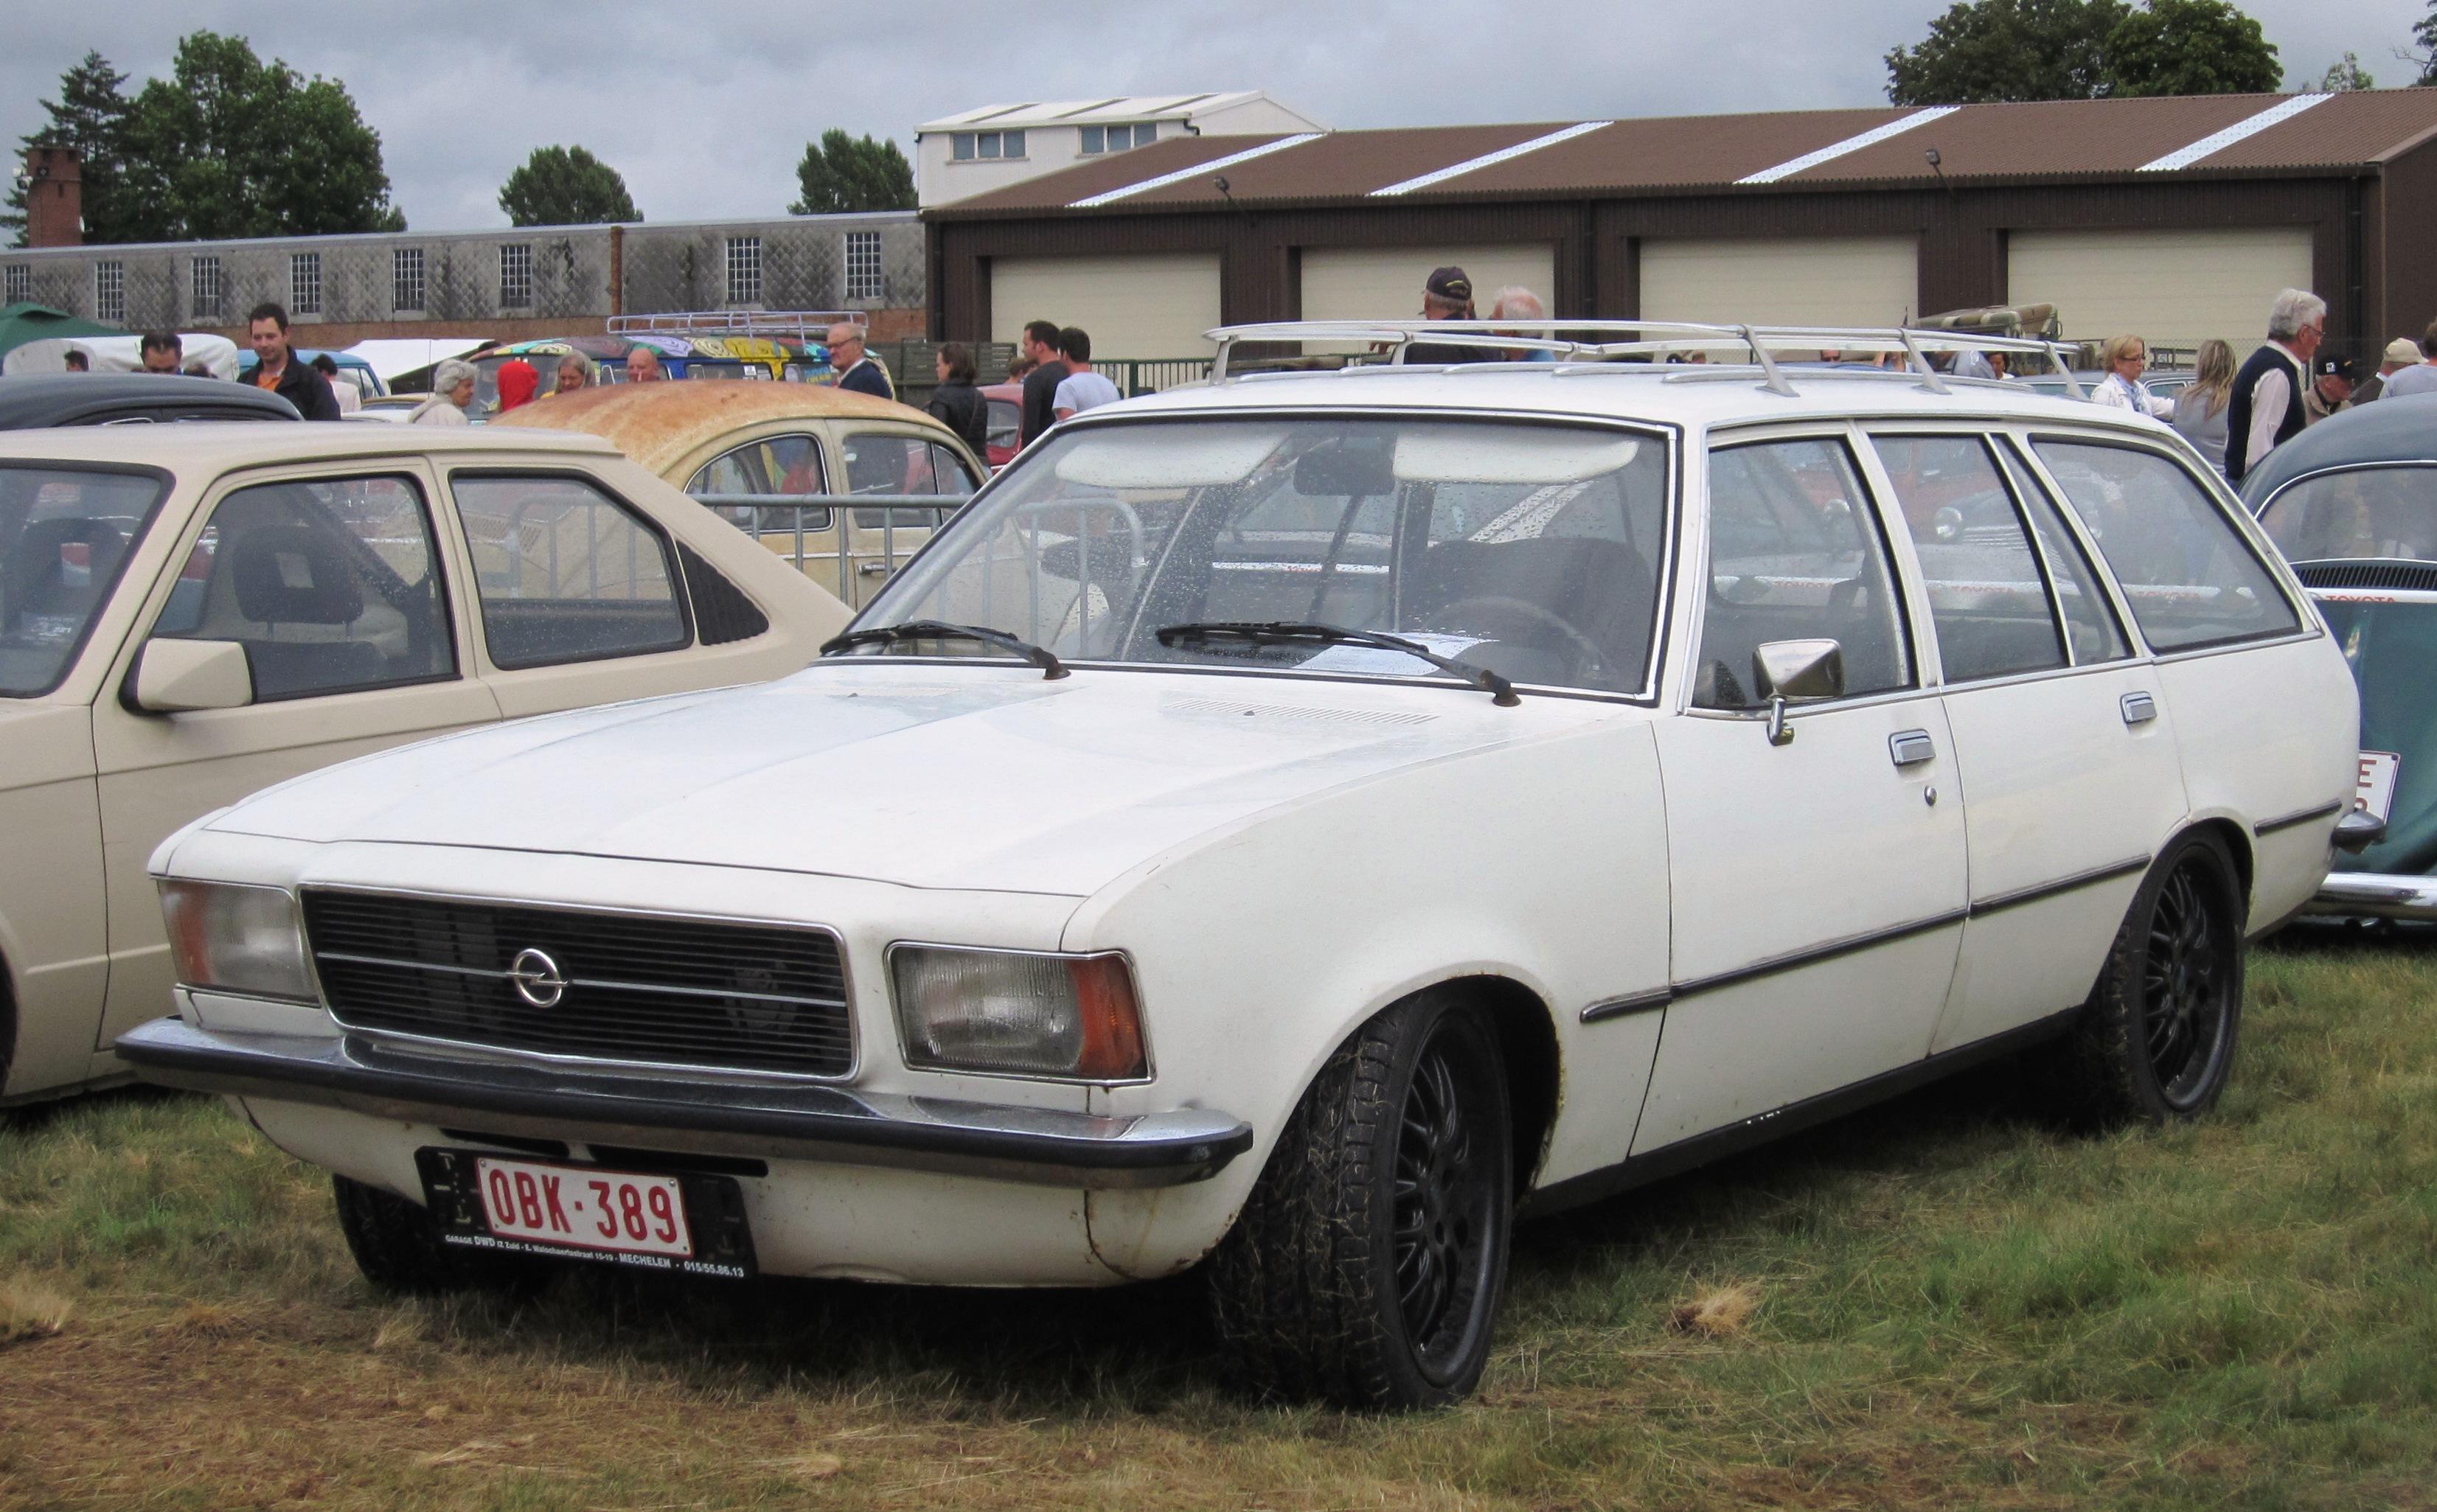 Africa 1975 p1 - 5 2